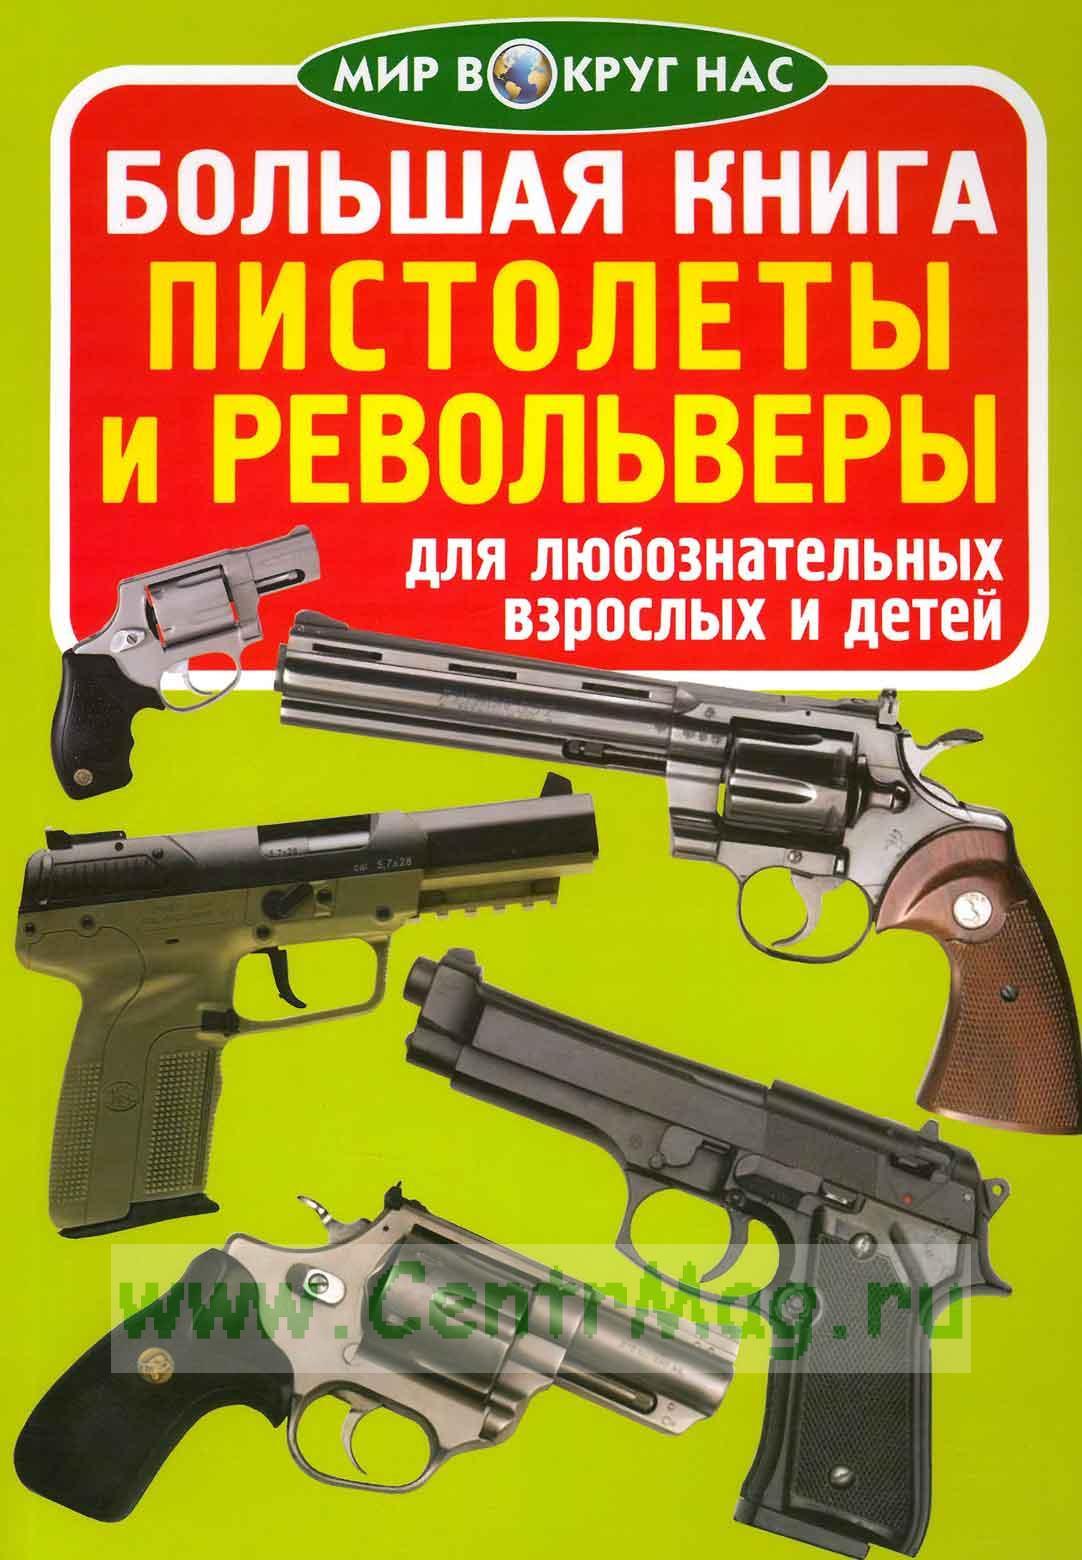 Большая книга. Пистолеты и револьверы (для любознательных взрослых и детей)